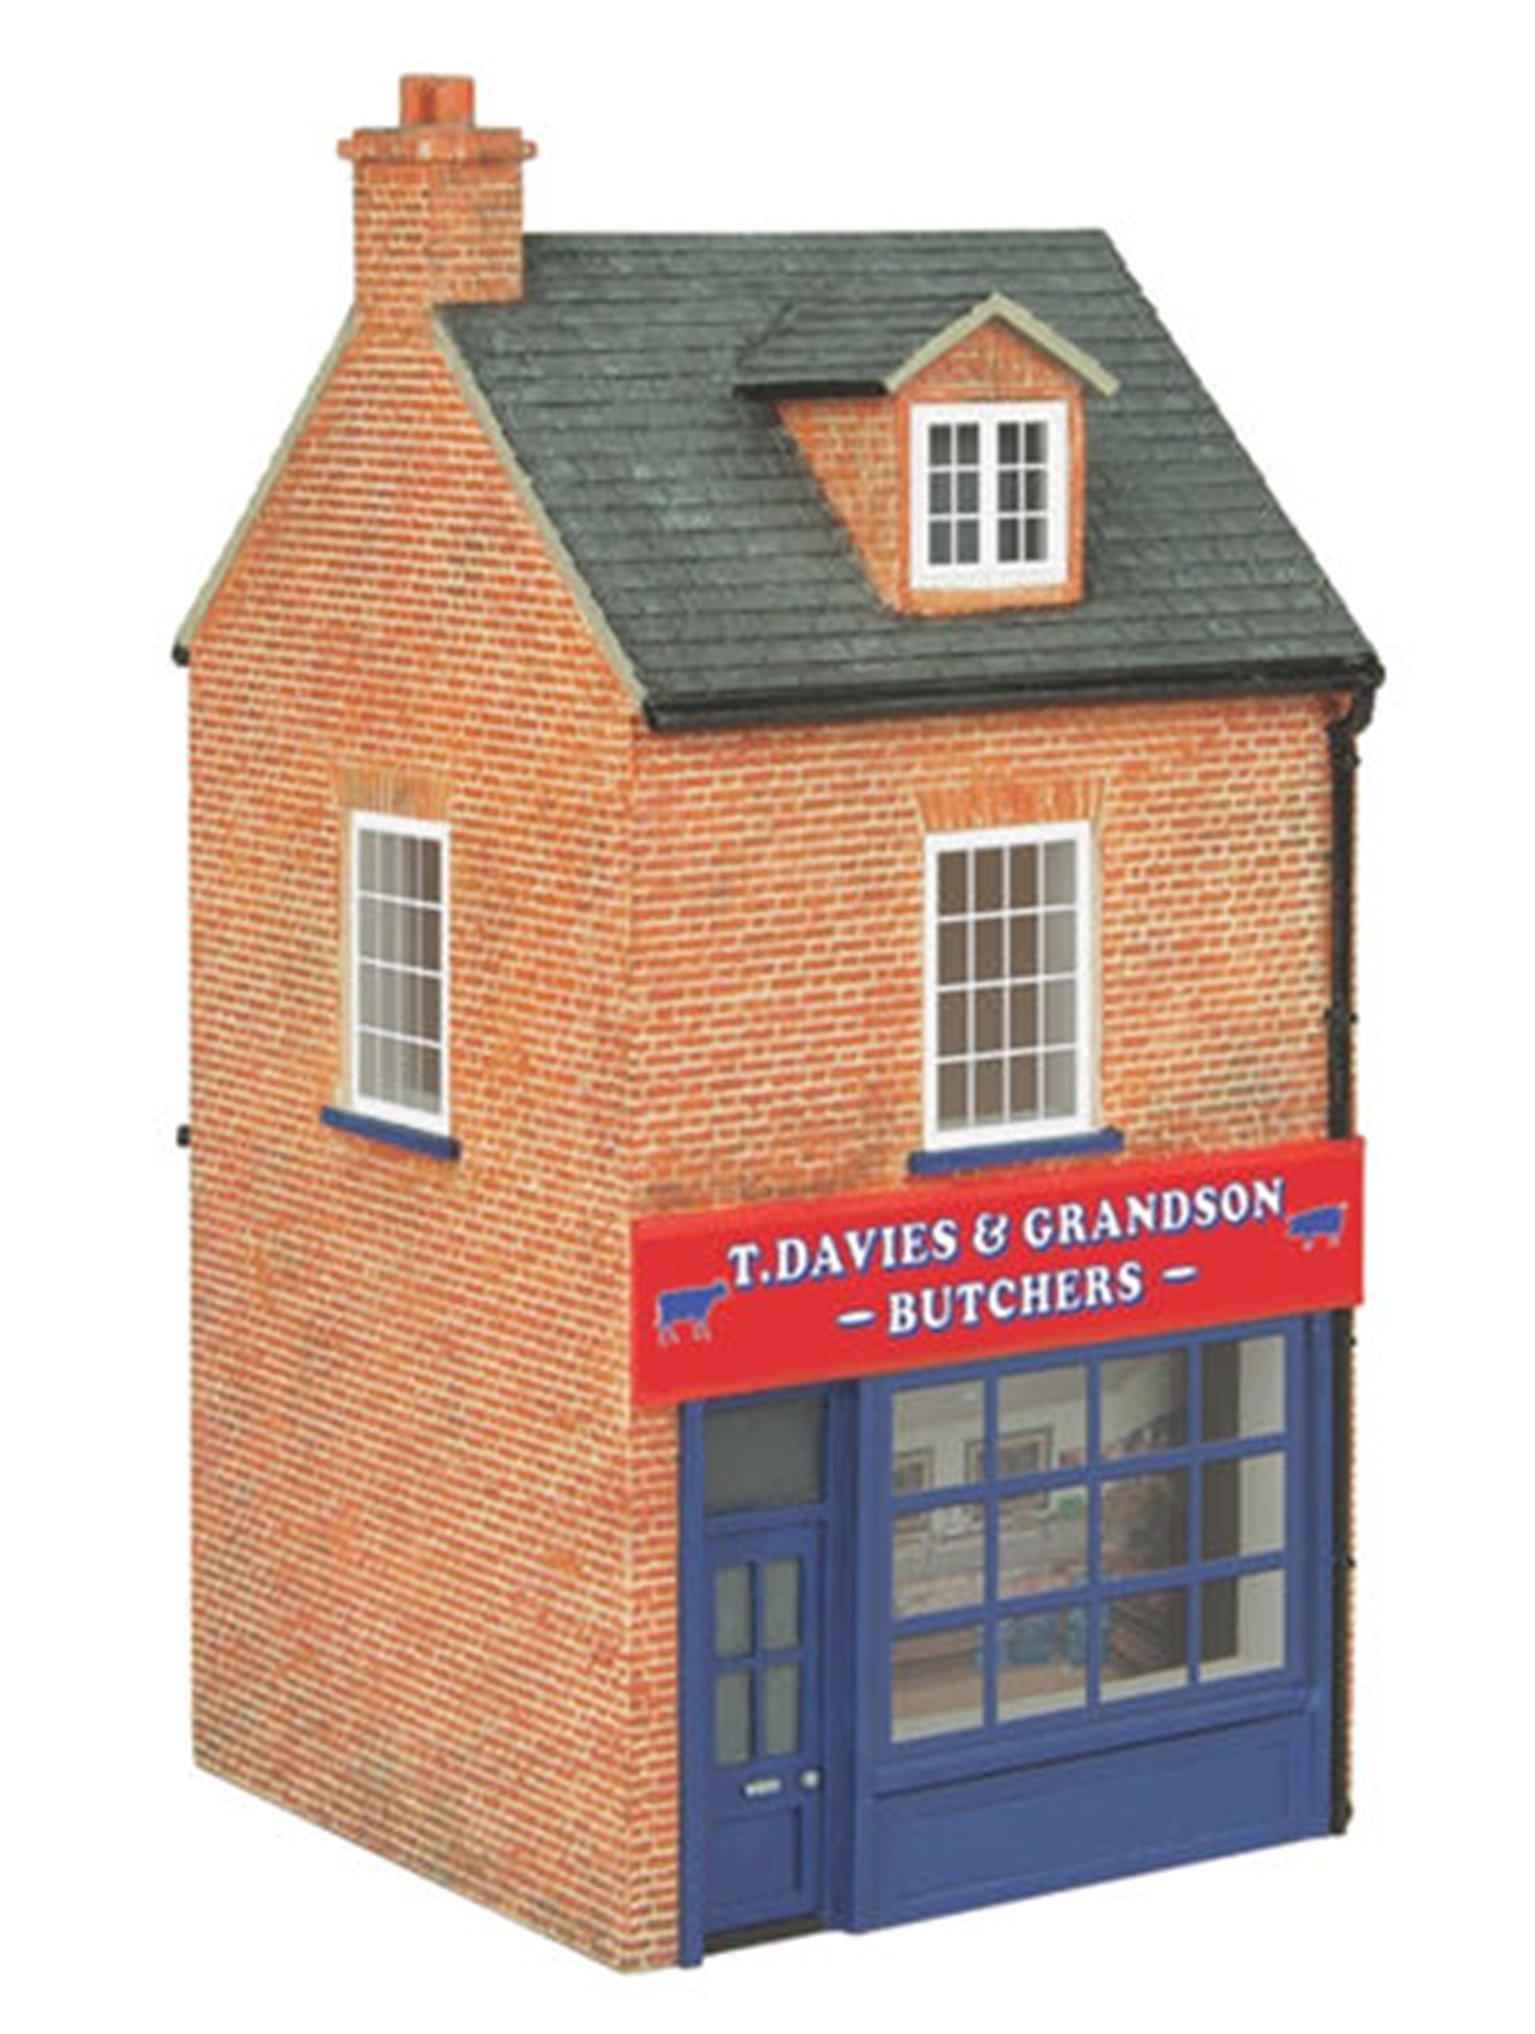 T. Davies & Grandson Butchers (Pre-Built)